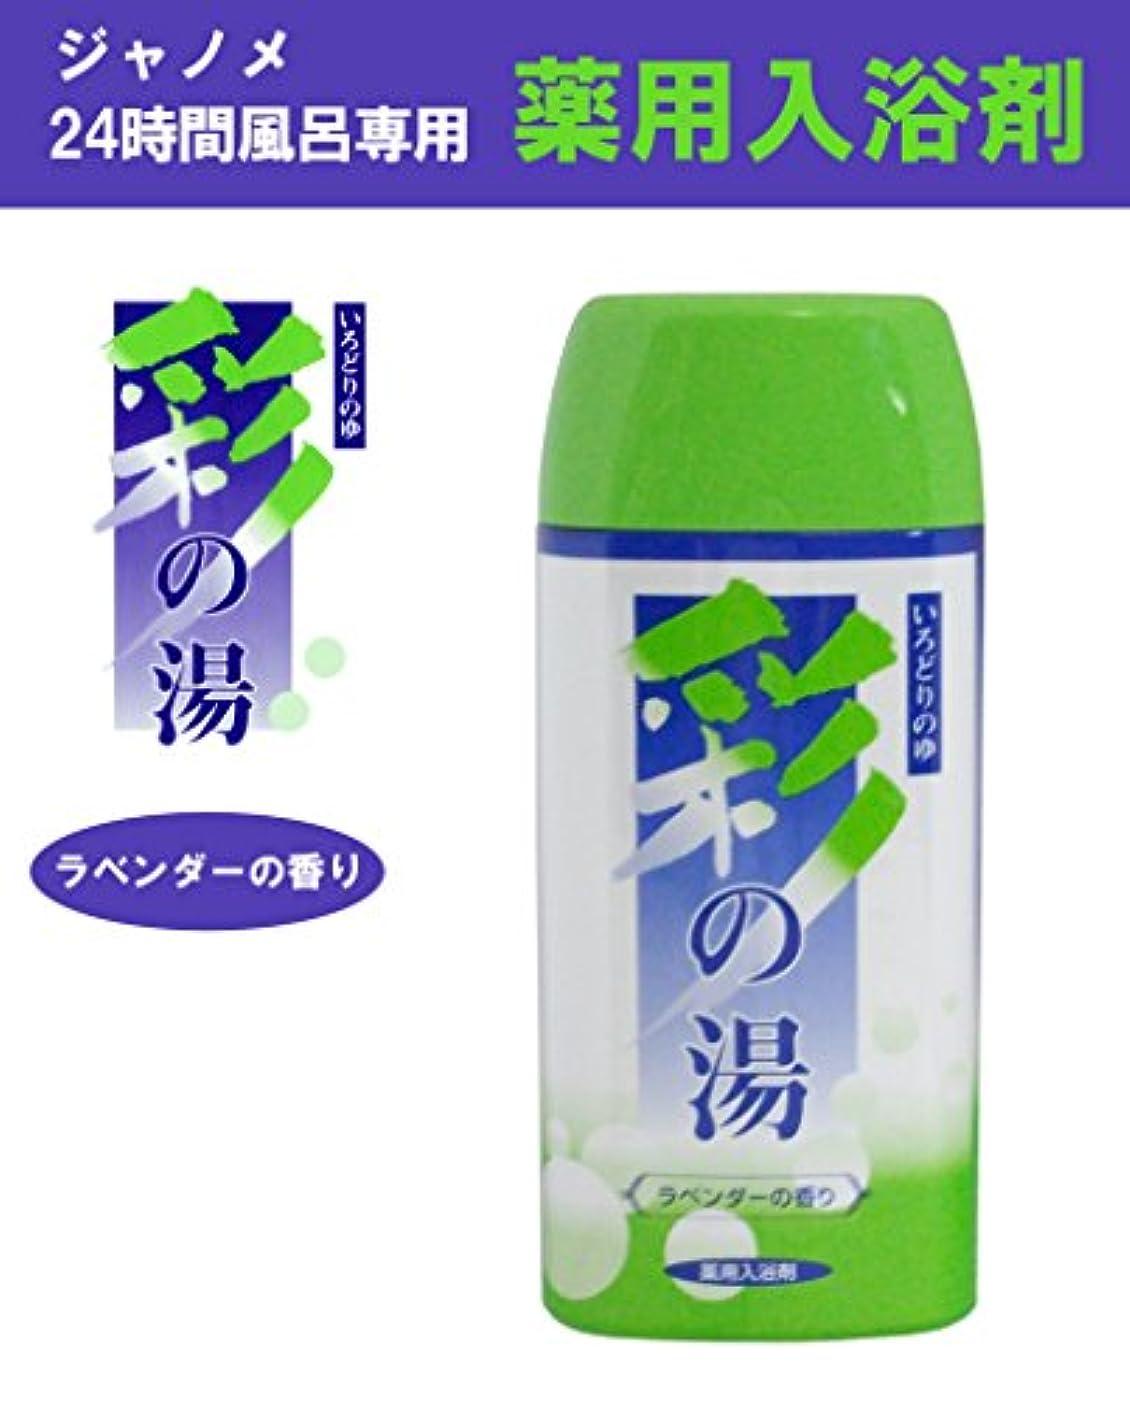 大臣マッサージシェフジャノメ 彩の湯 (24時間風呂専用 薬用入浴剤 ラベンダーの香り )